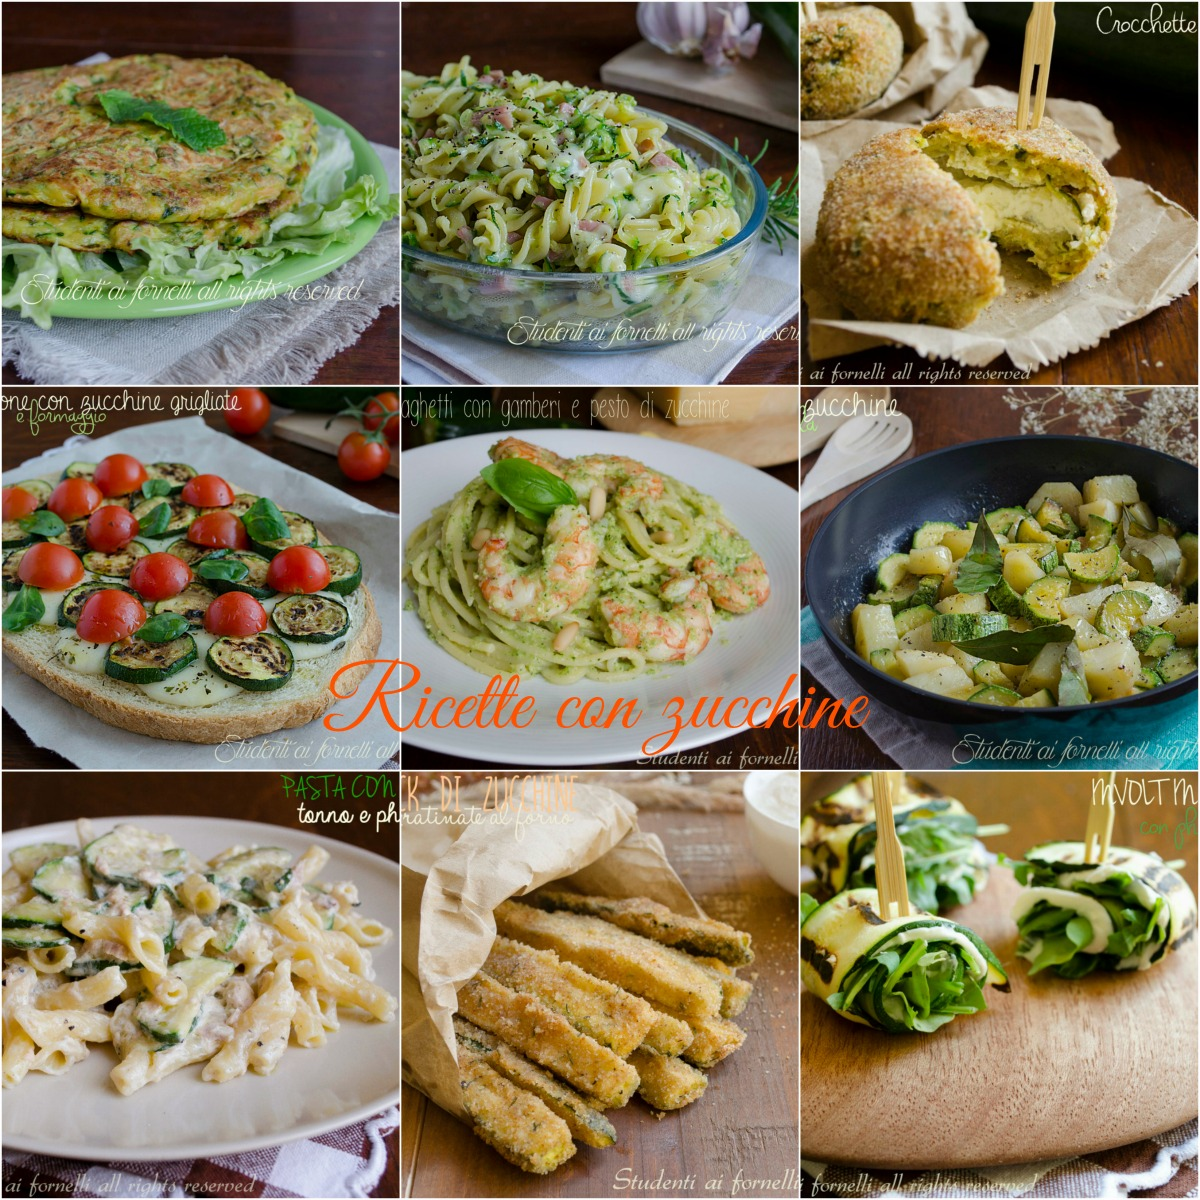 Raccolta di ricette con le zucchine ricette facili e veloci for Ricette di cibo